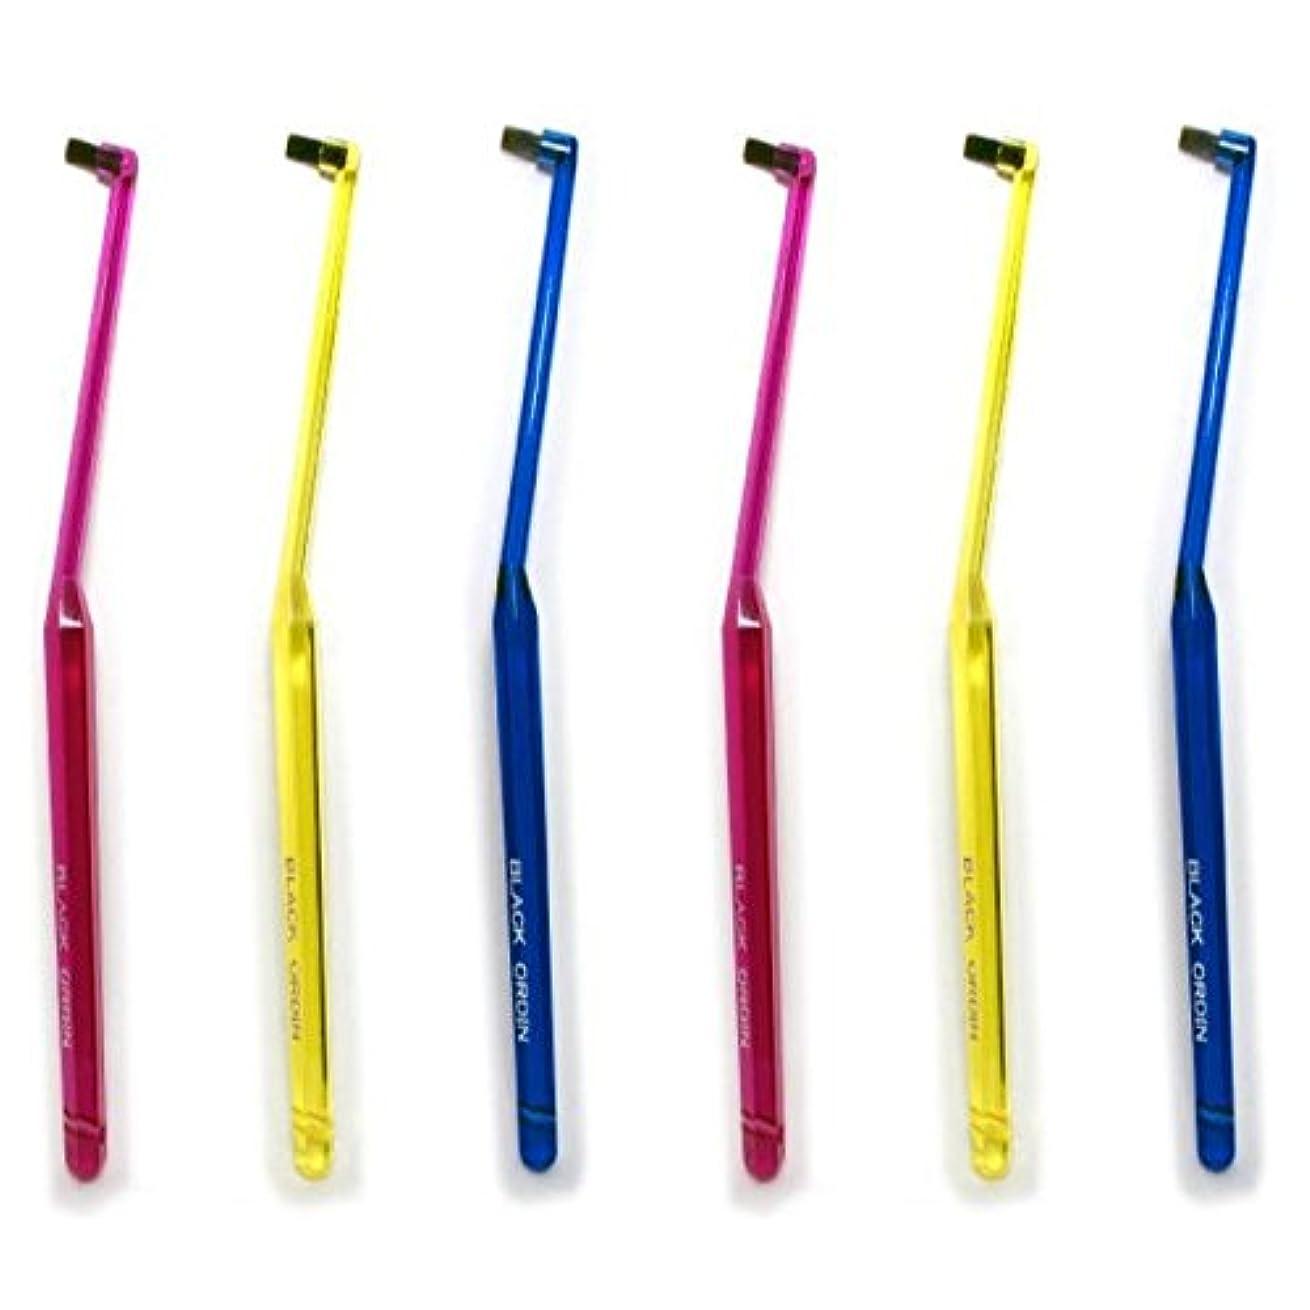 省略移動する火炎ワンタフトブラシ ブラックオーディン ワンタフト×6本セット 部分用歯ブラシ 歯磨き 歯ブラシ